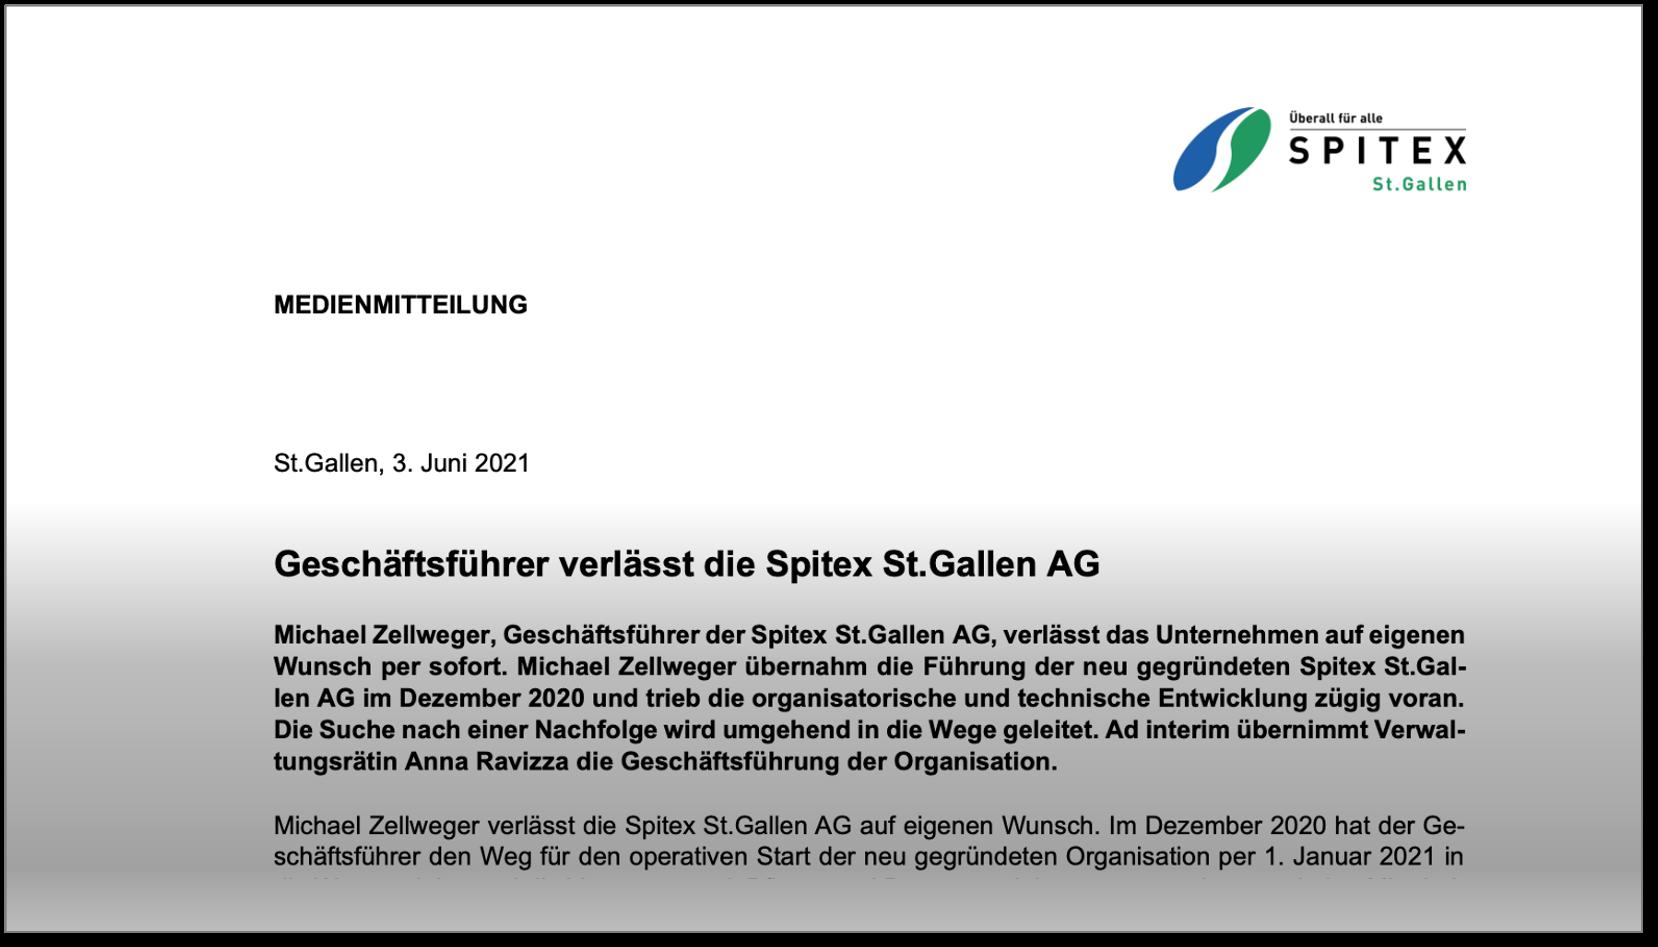 Auszug Medienmitteilung Spitex St.Gallen